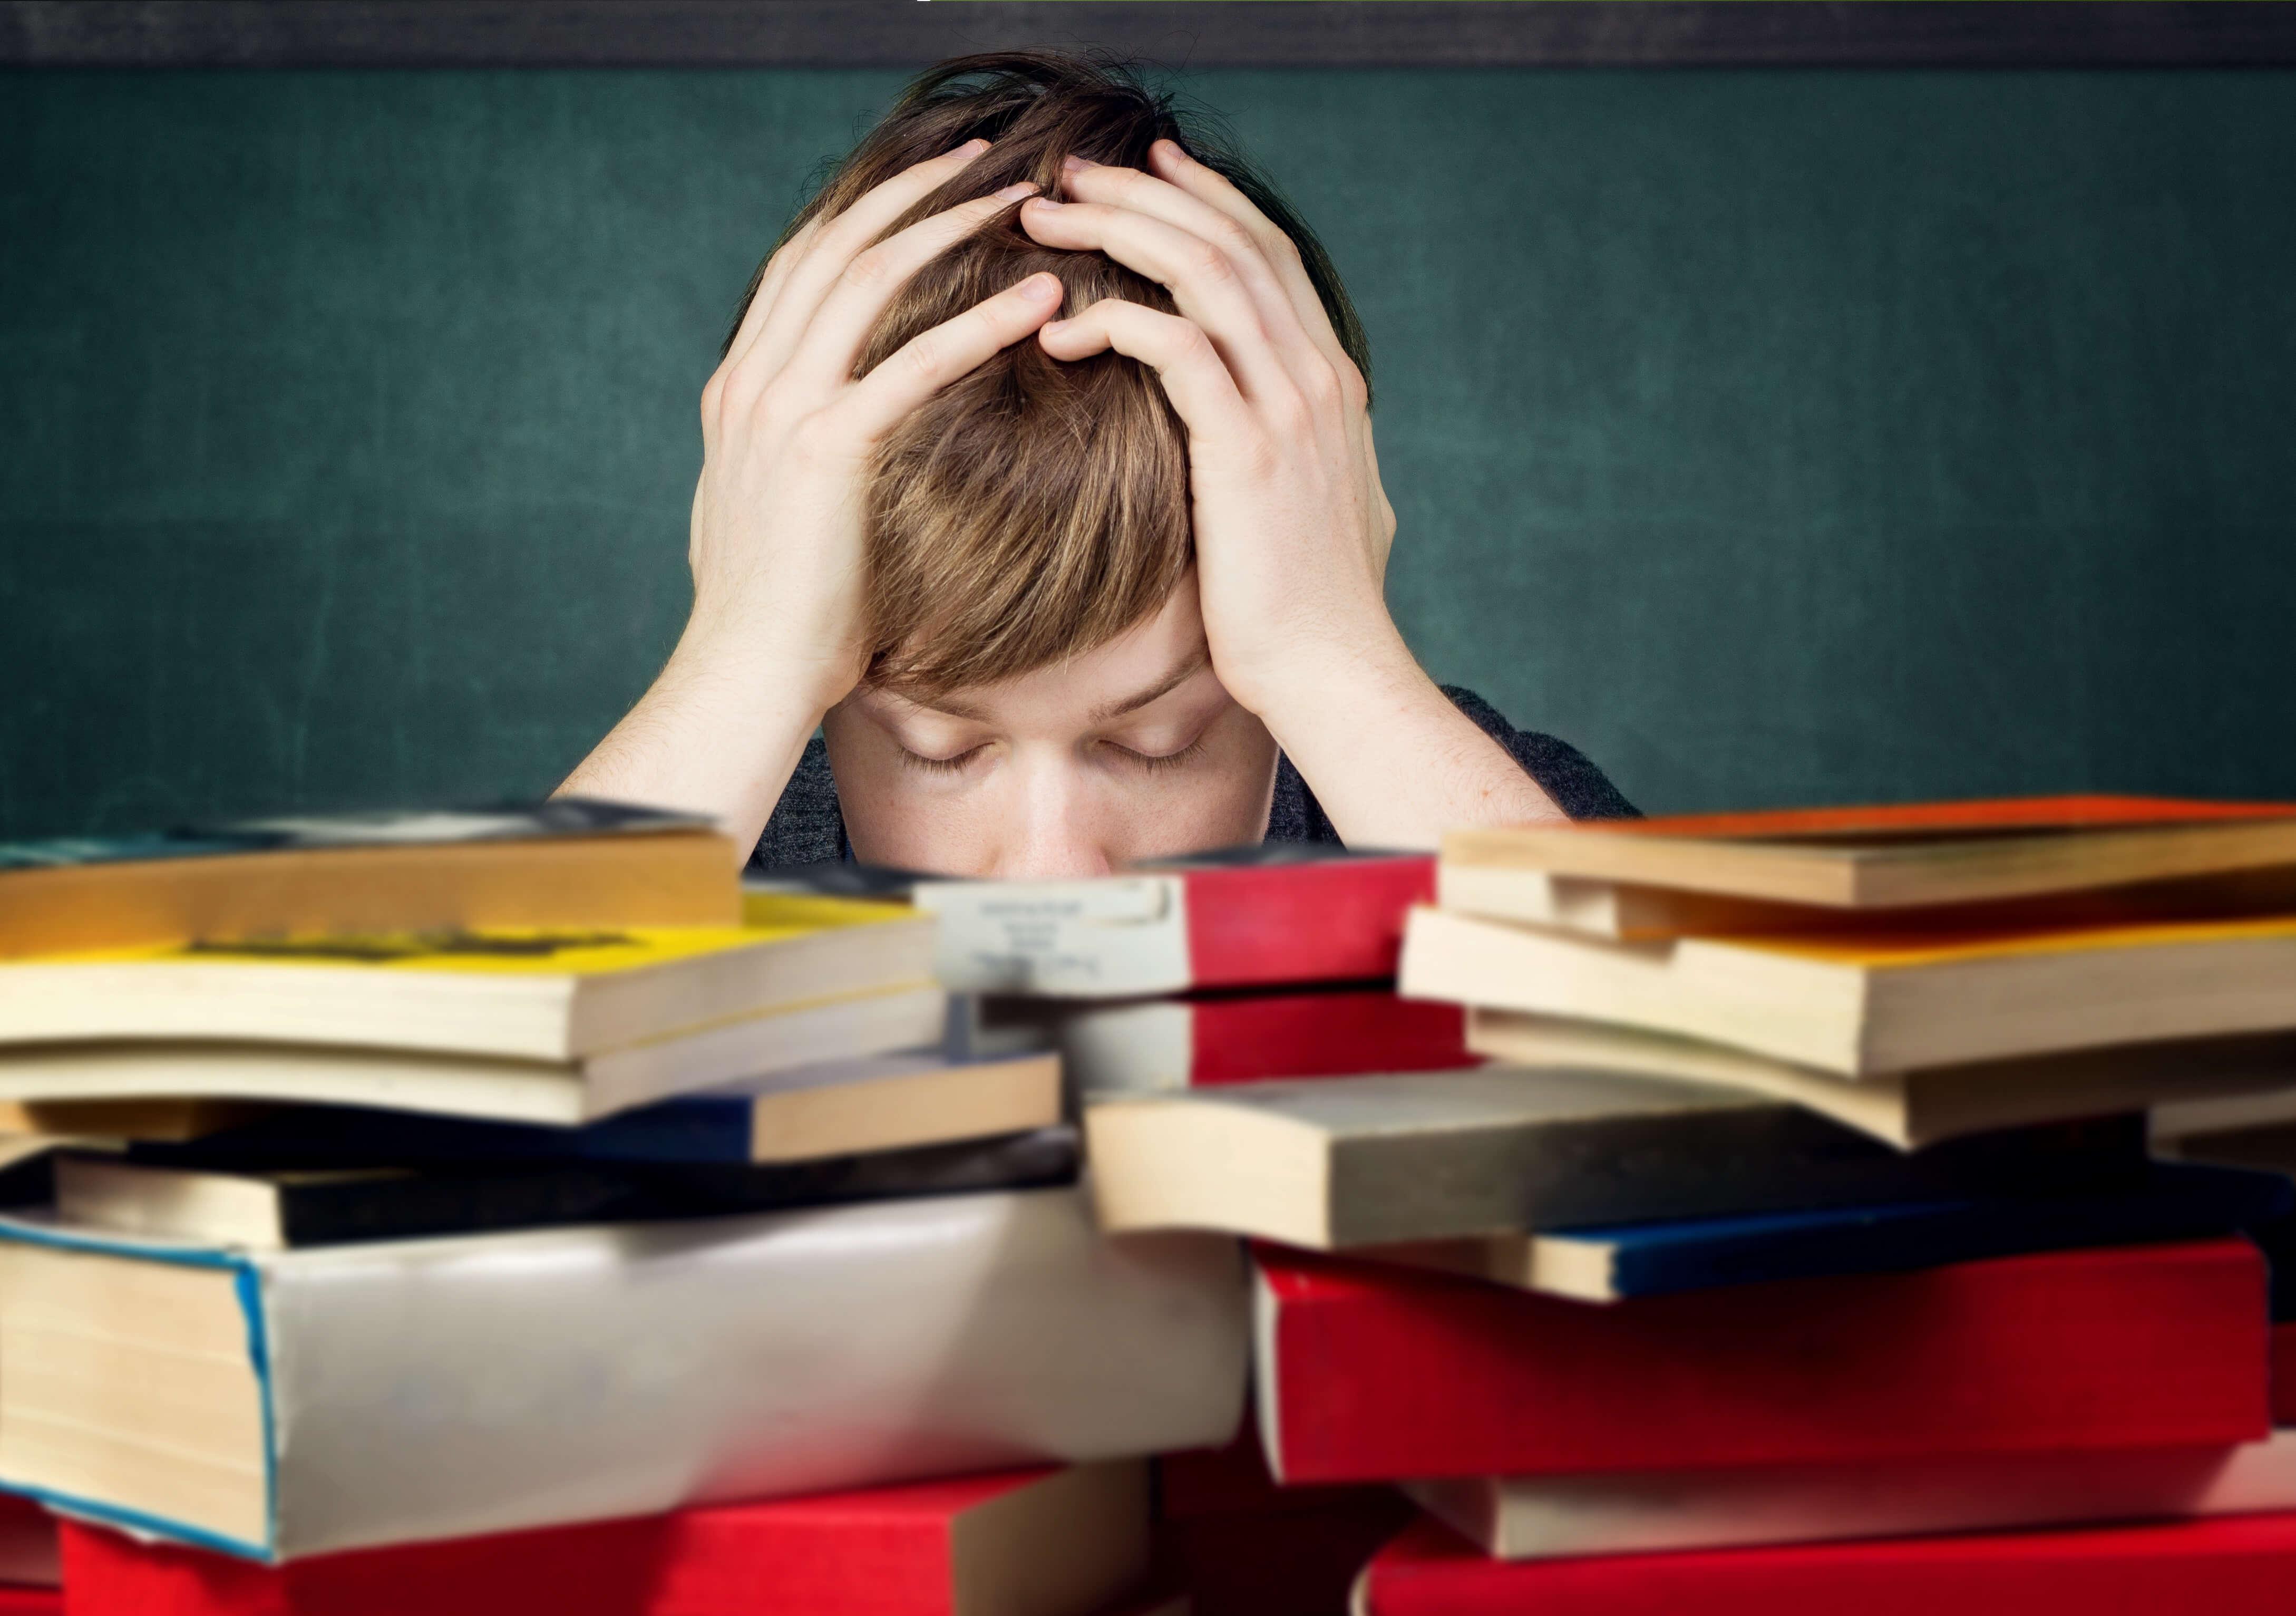 studenti-stres